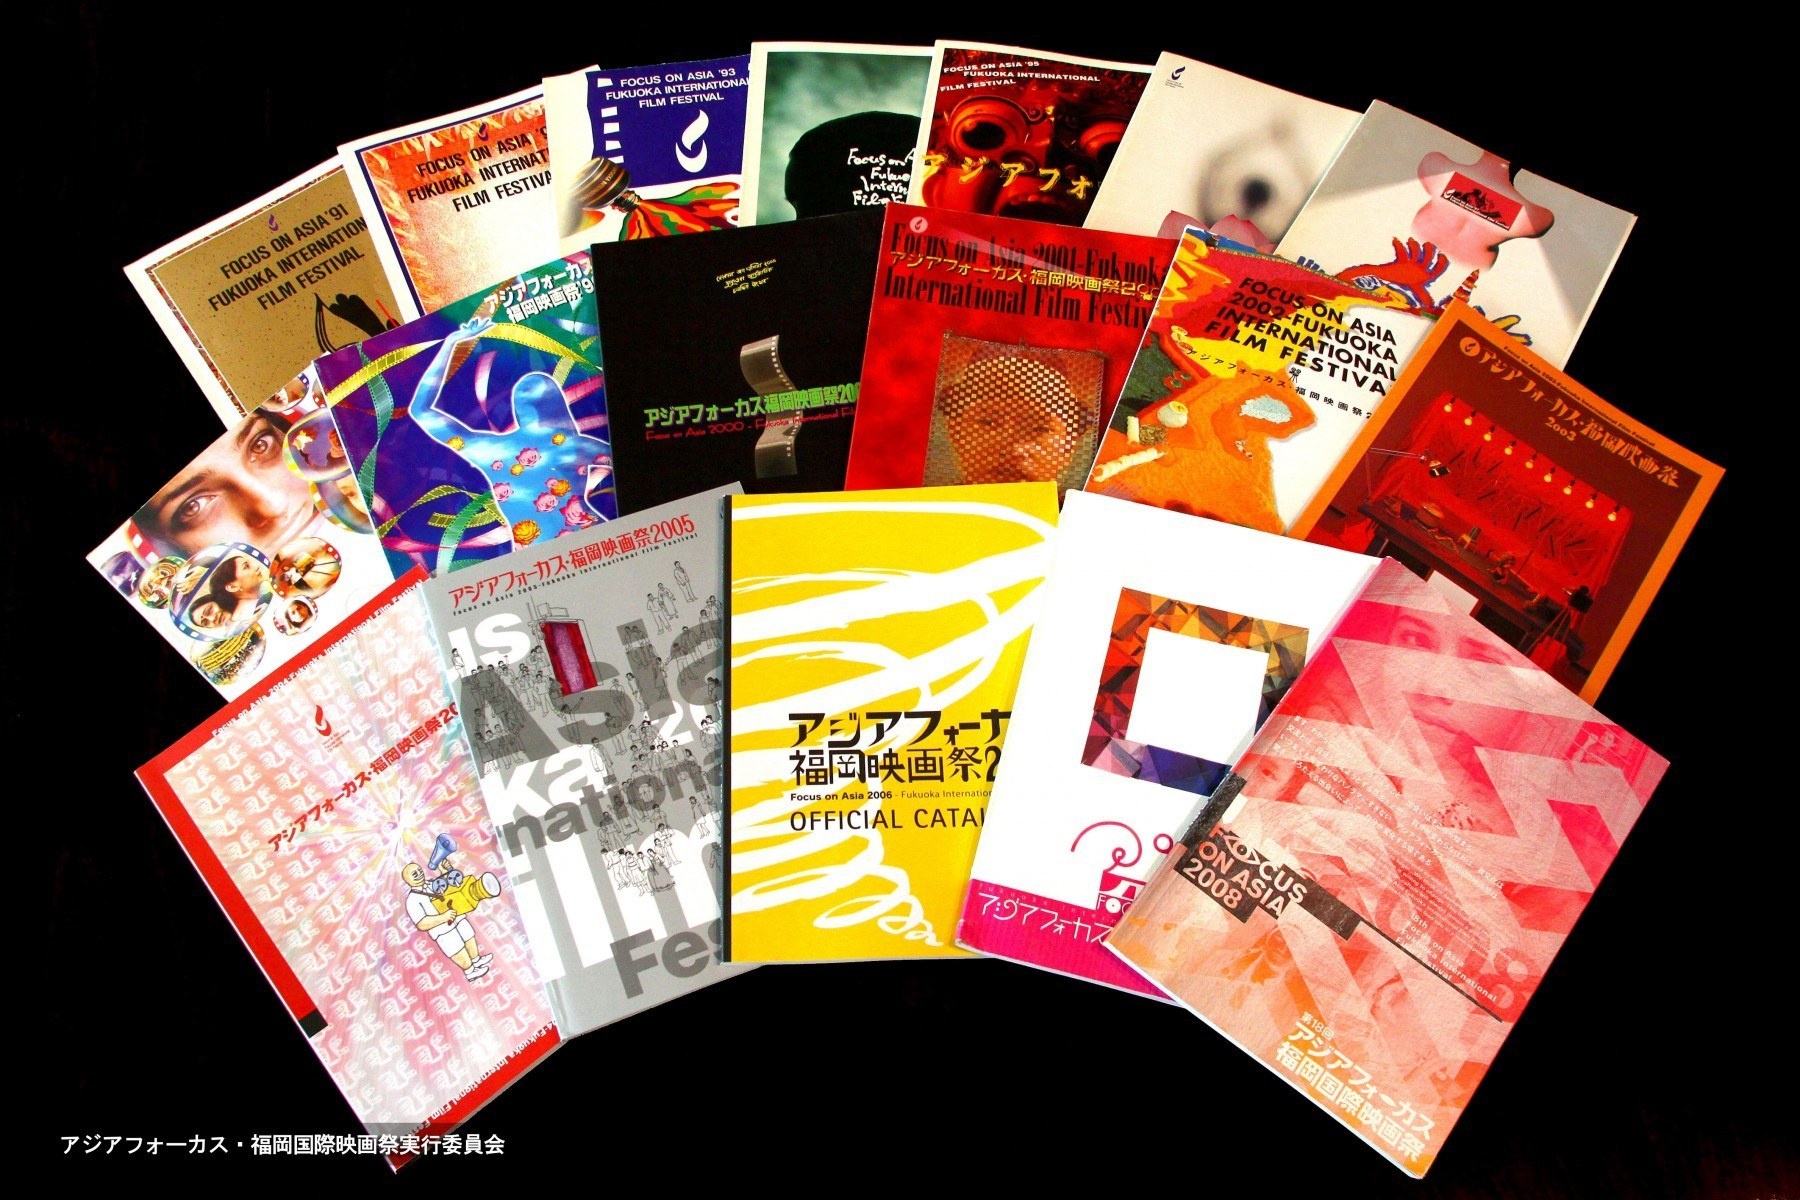 聚焦亚洲·福冈国际电影节(2009)图片